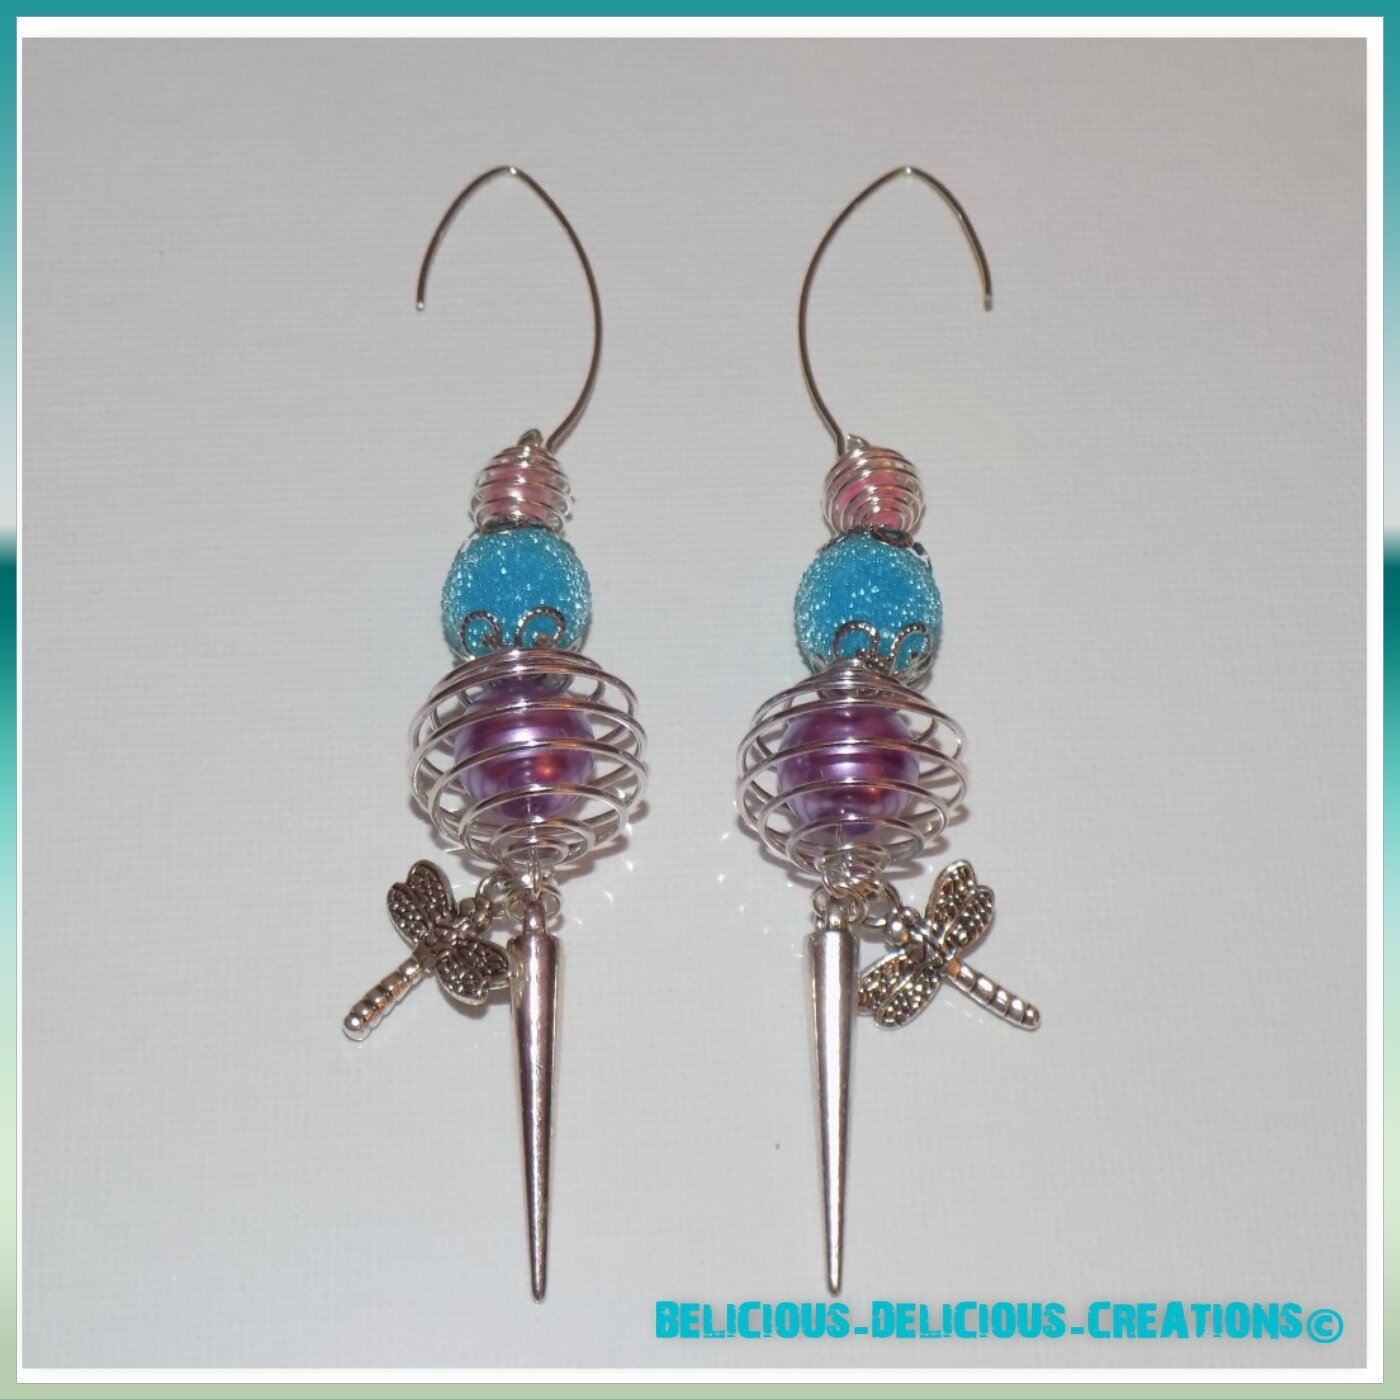 Original Boucles d'oreilles !! CAGED !! en metal argente T: 7.5cm BELICIOUS-DELICIOUS-CREATION